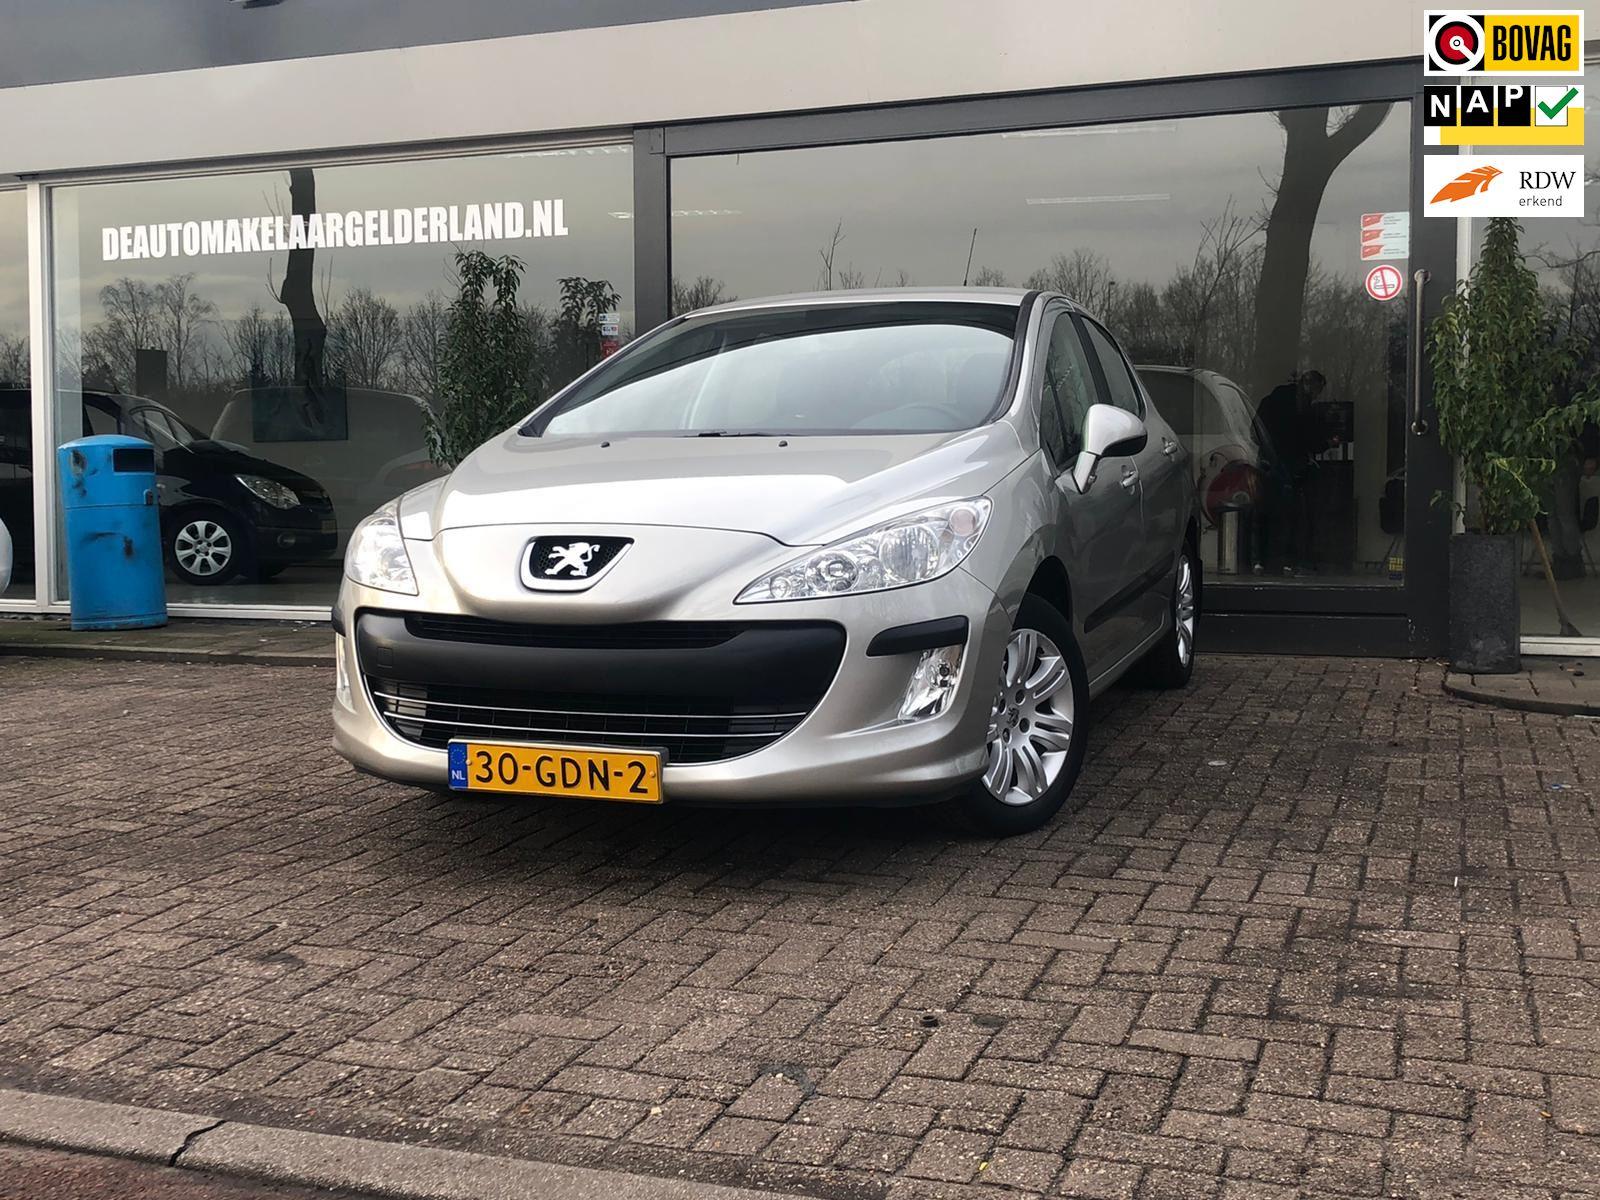 Peugeot 308 occasion - De Automakelaar Gelderland